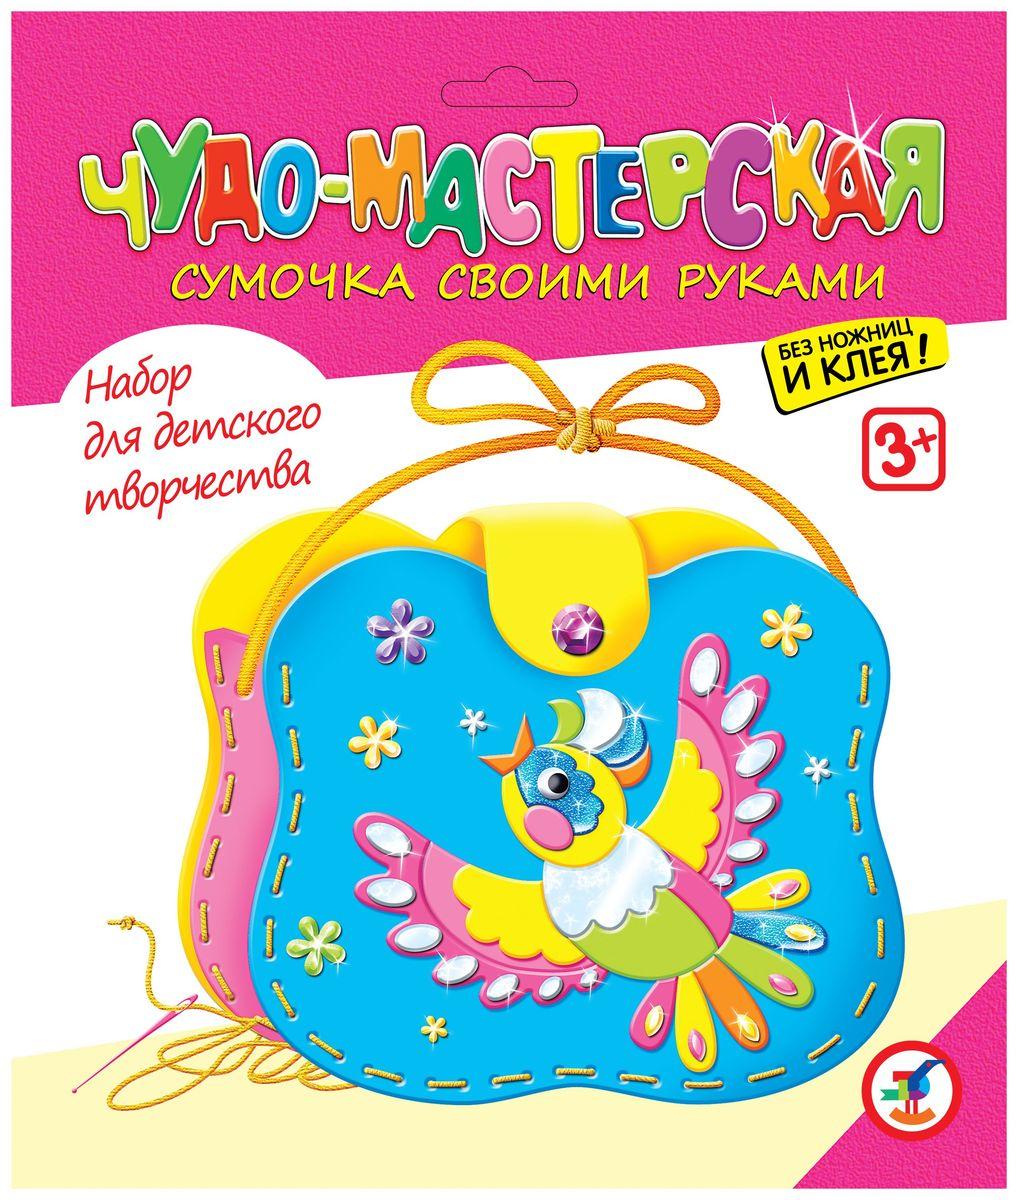 Дрофа-Медиа Набор для создания украшений и аксессуаров Сумочка Птичка2887Вместе с ребёнком вы можете смастерить оригинальную детскую сумочку. Сделанная своими руками, она станет интересным и недорогим подарком родным и друзьям